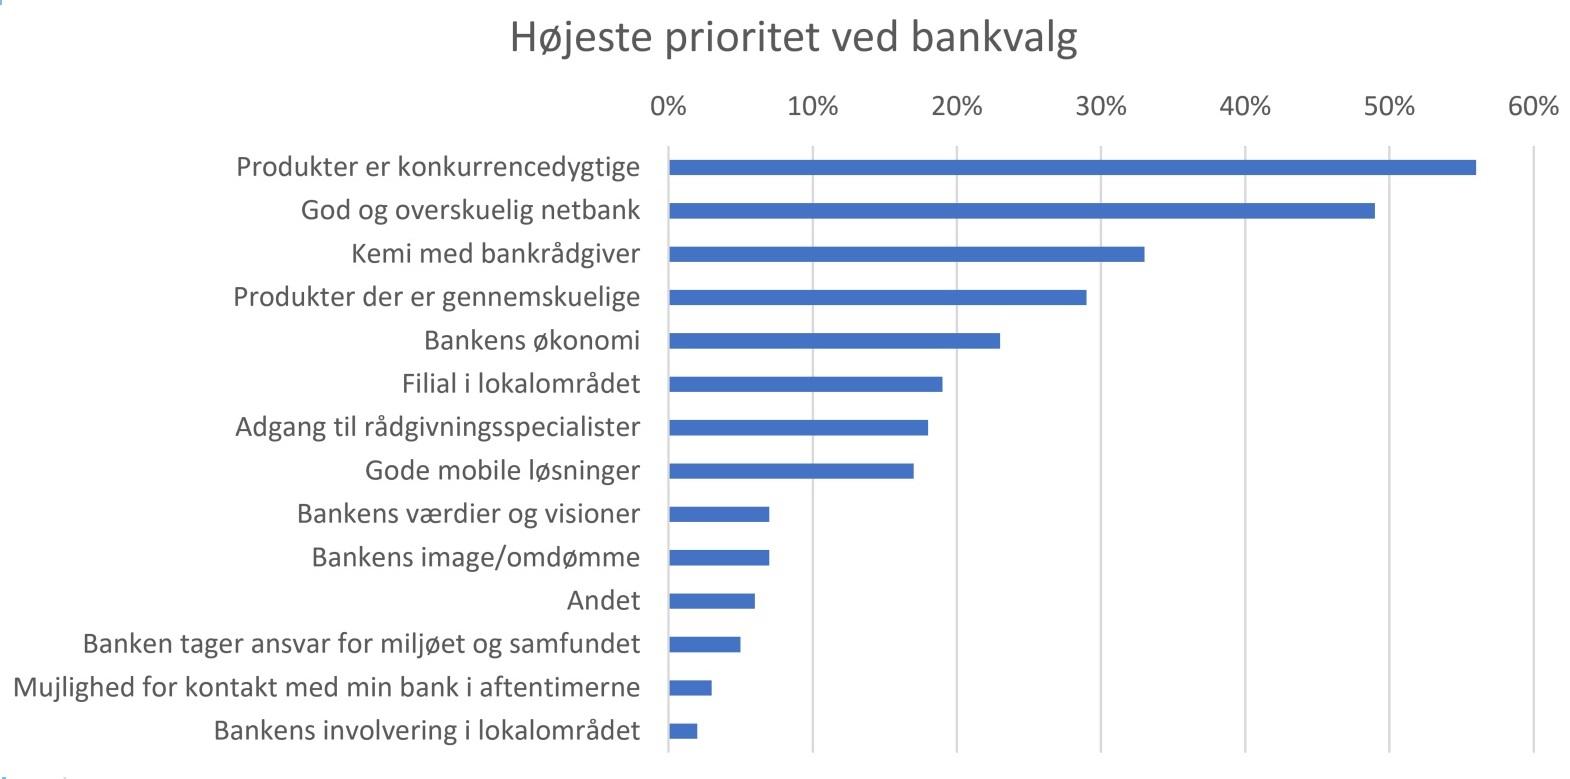 Højeste prioritet ved bankvalg